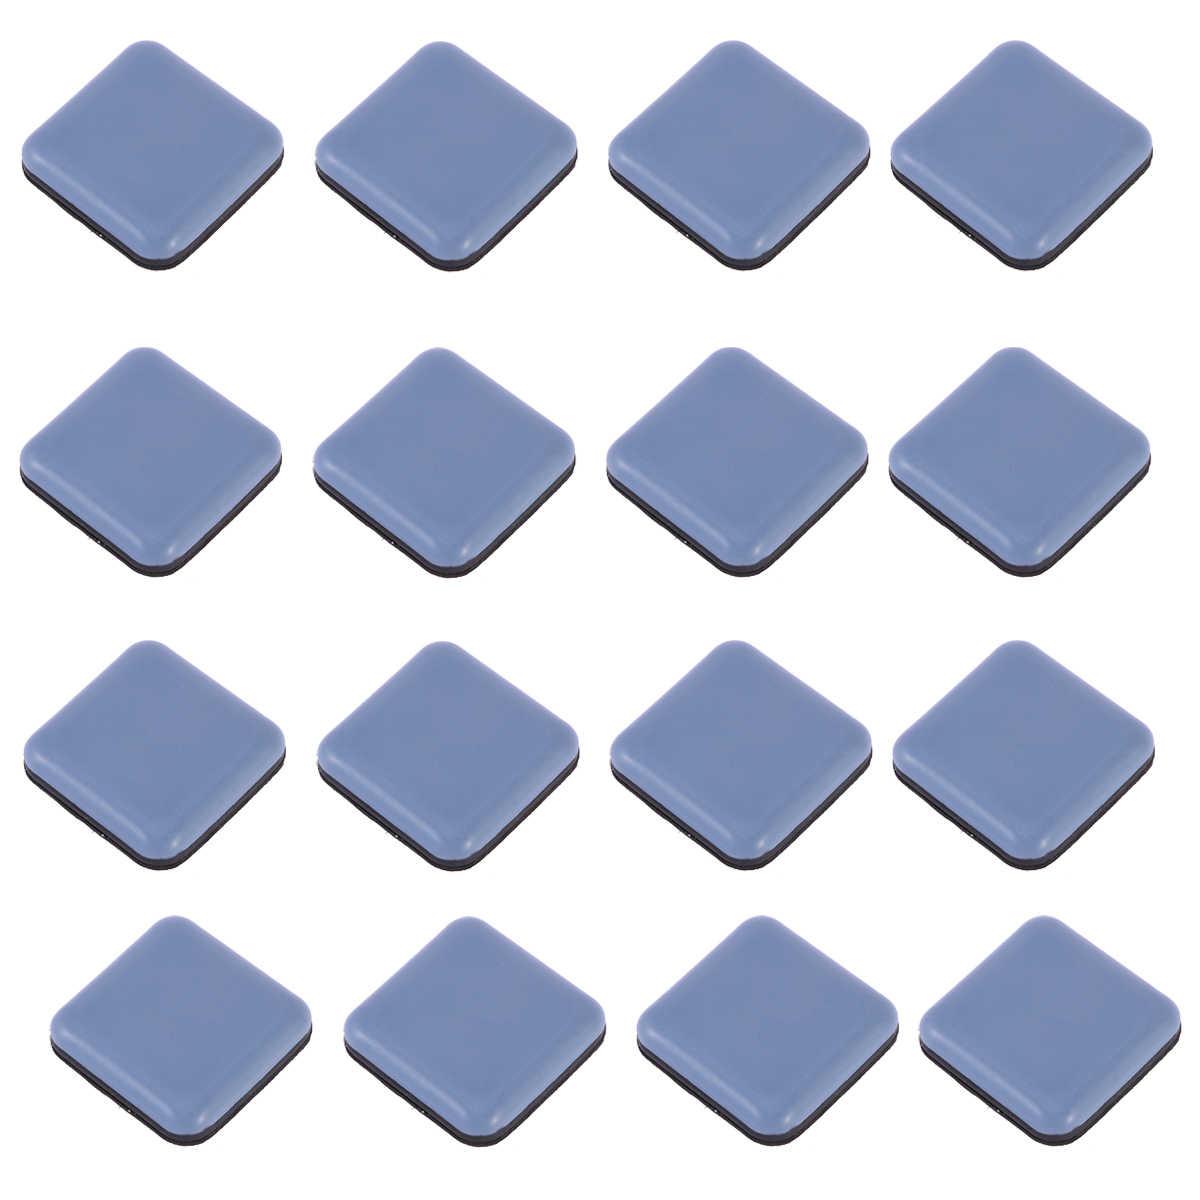 Упаковка из 16 легко перемещается, утолщенная Бесшумная самоклеящаяся защита для пола коврик для ног крышка для ног для мебели, стульев и столов